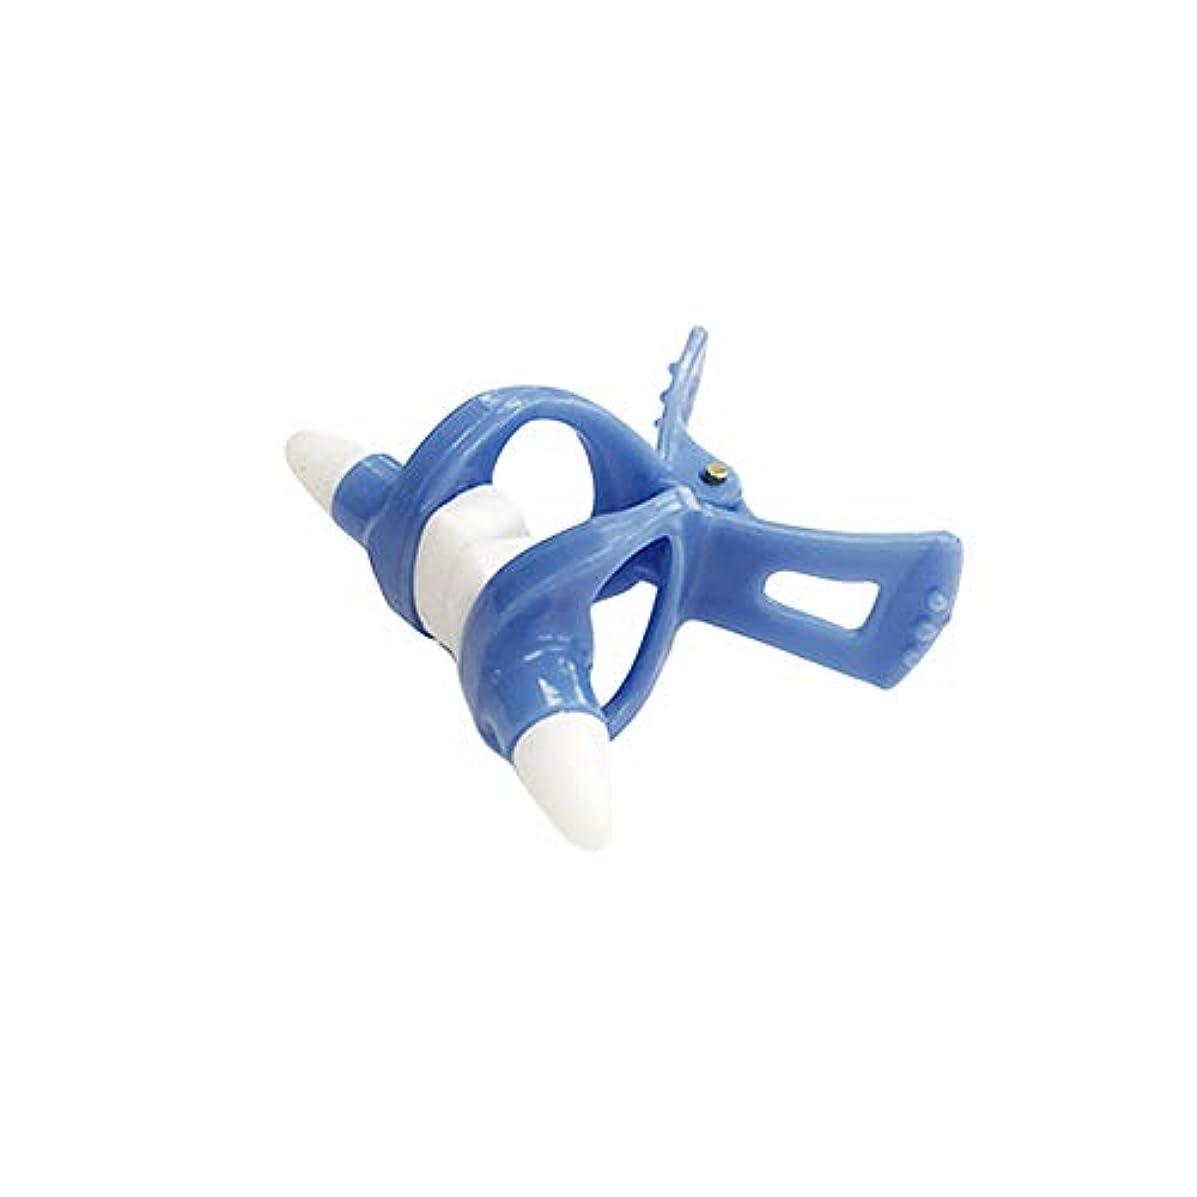 震える盆ファイター[jolifavori]鼻を高くするための矯正クリップ 鼻高々ノーズアップ 美容グッズ